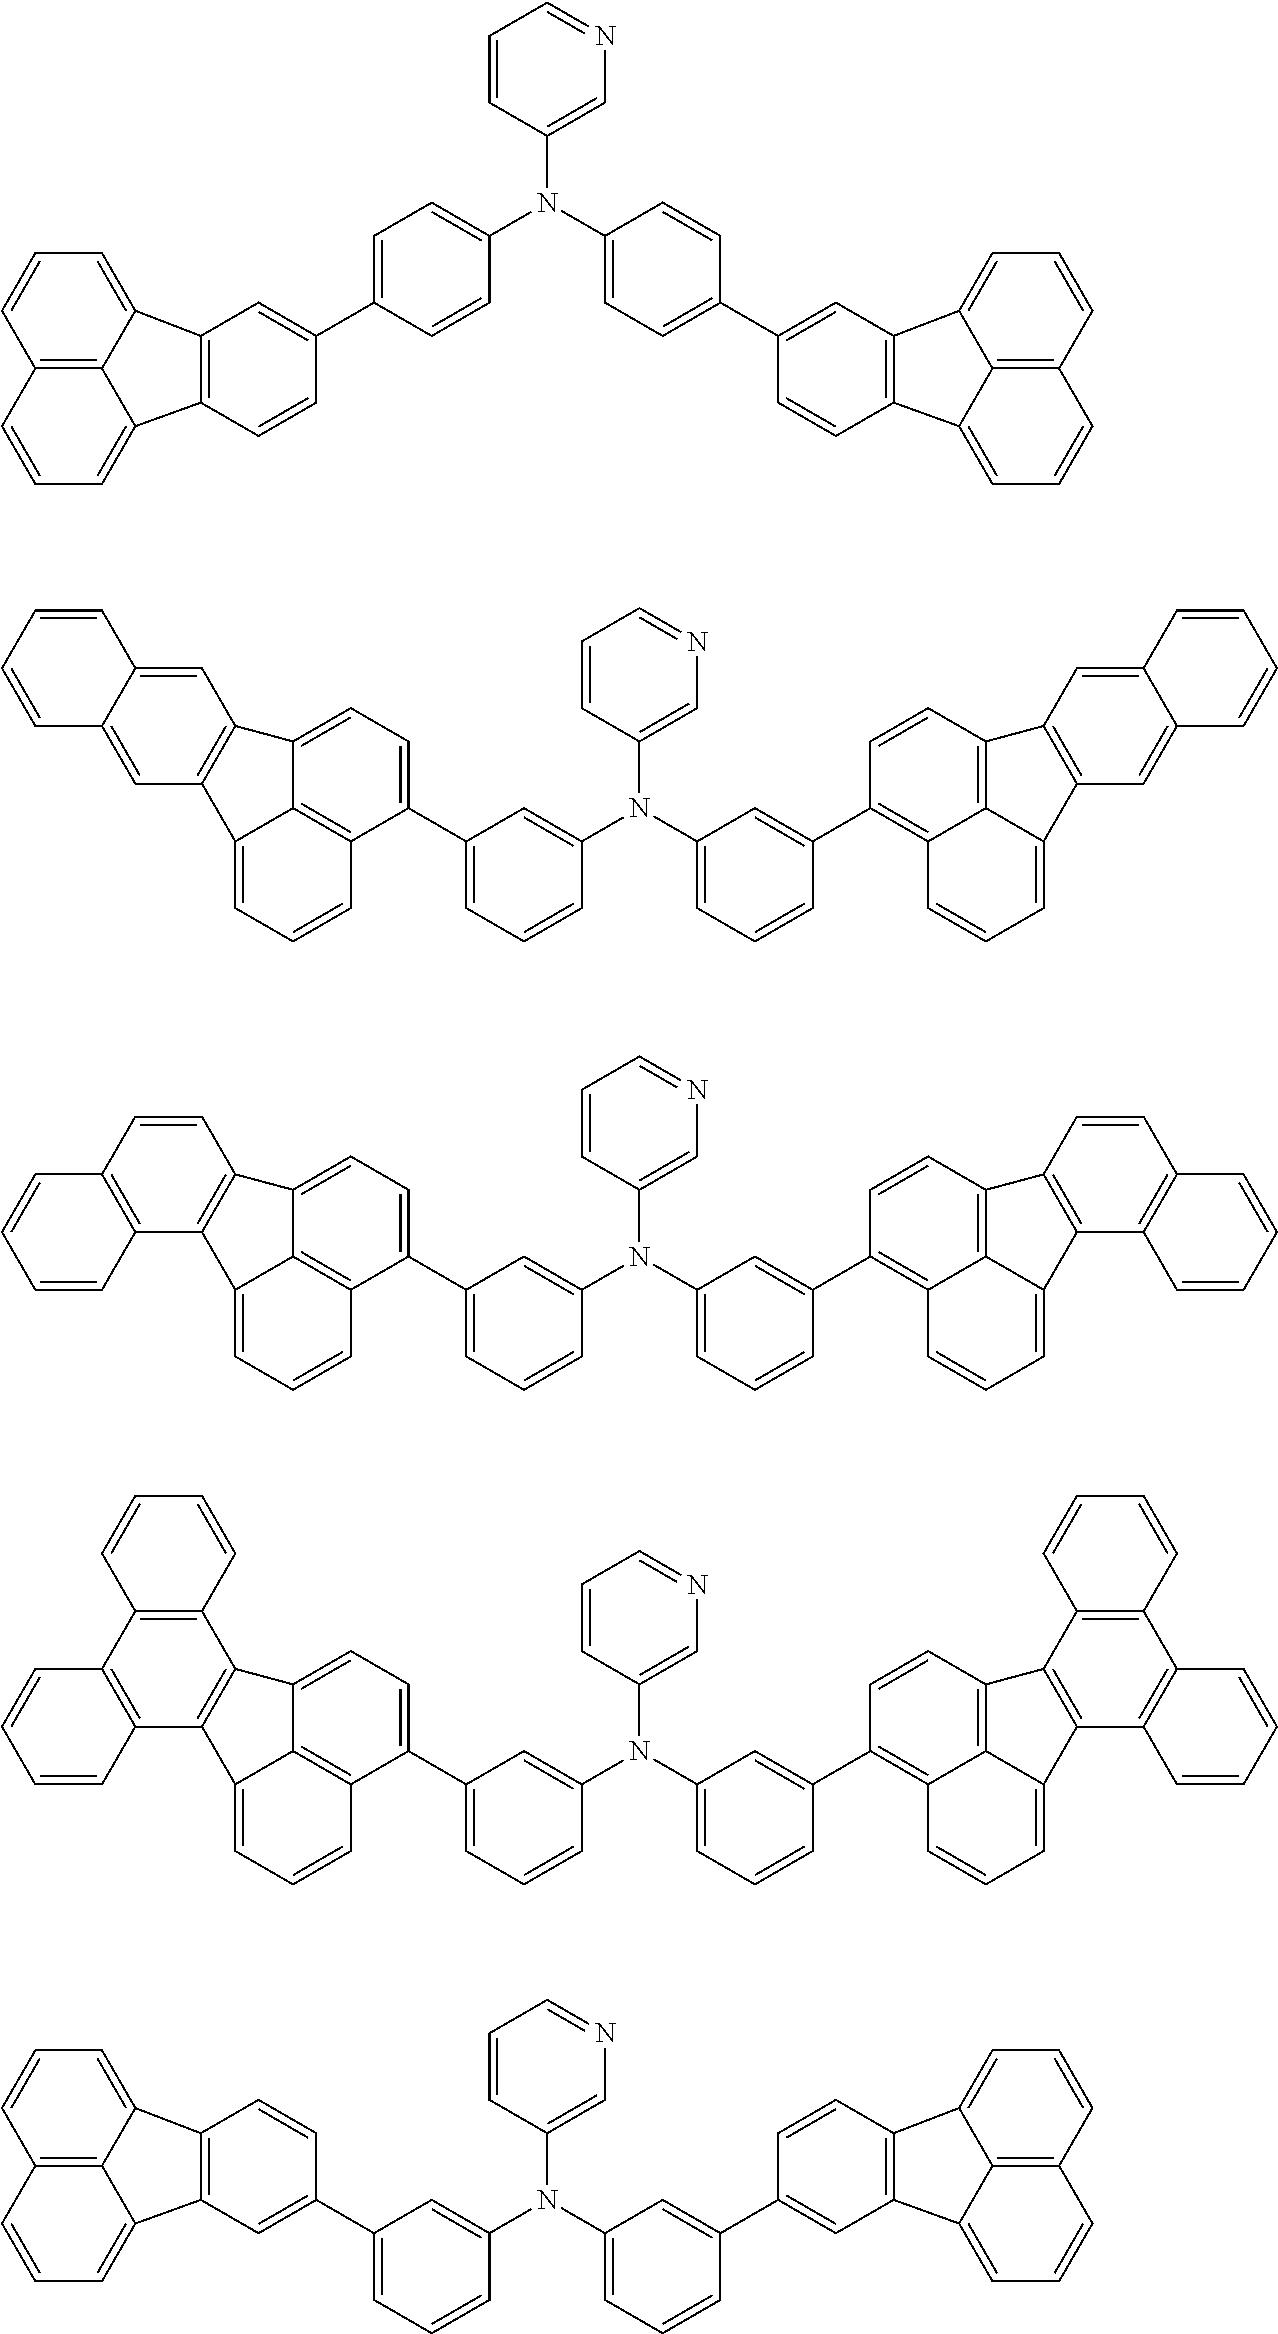 Figure US20150280139A1-20151001-C00117